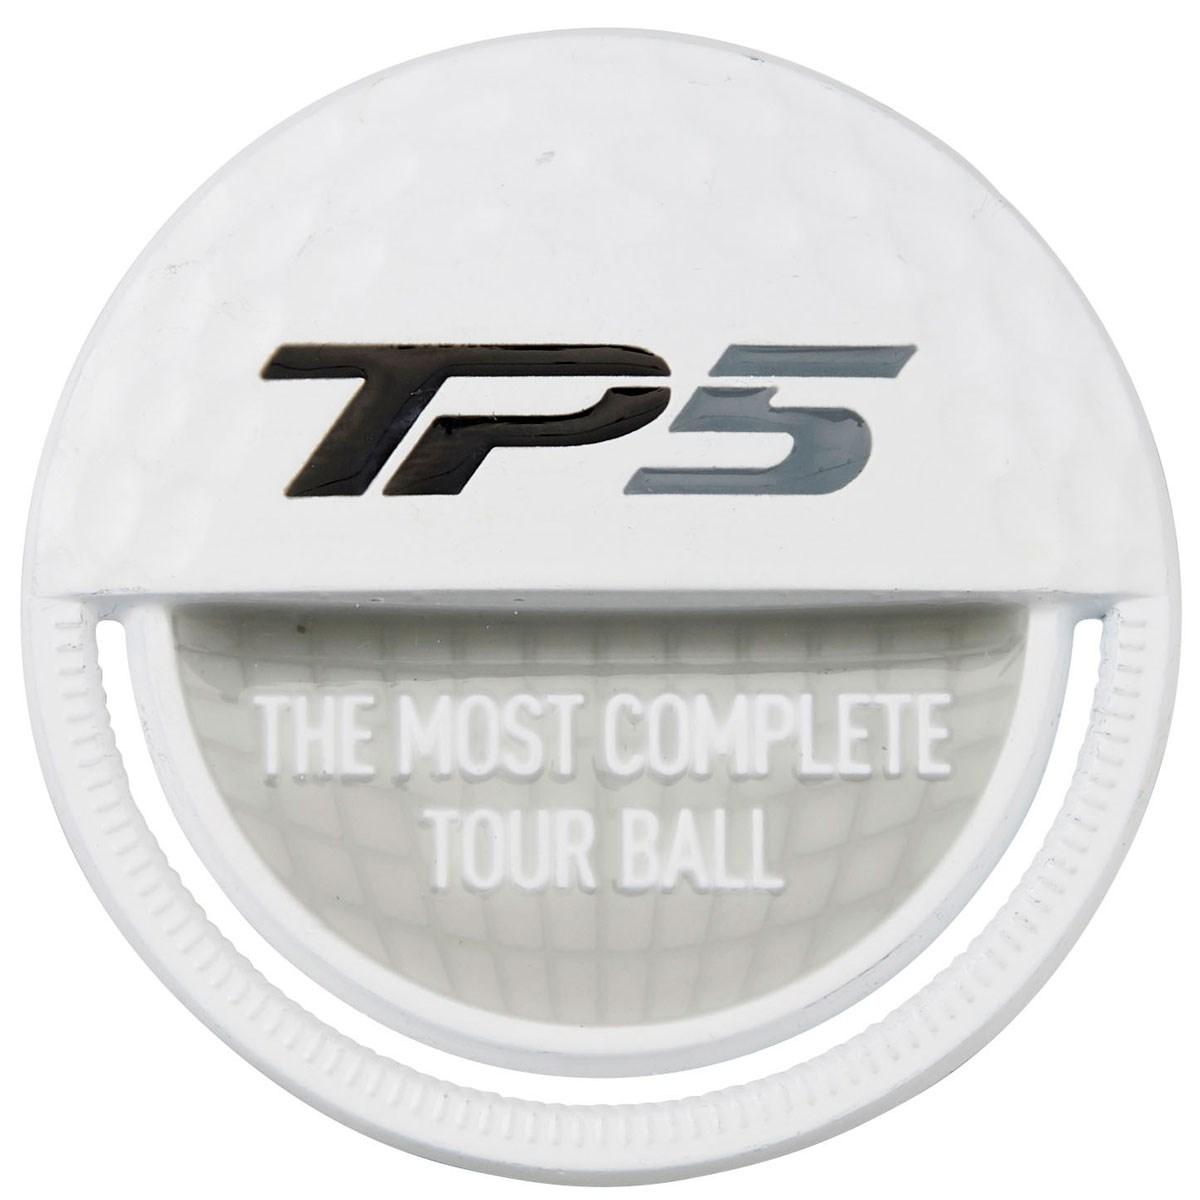 テーラーメイド(Taylor Made) TP5 コインマーカー